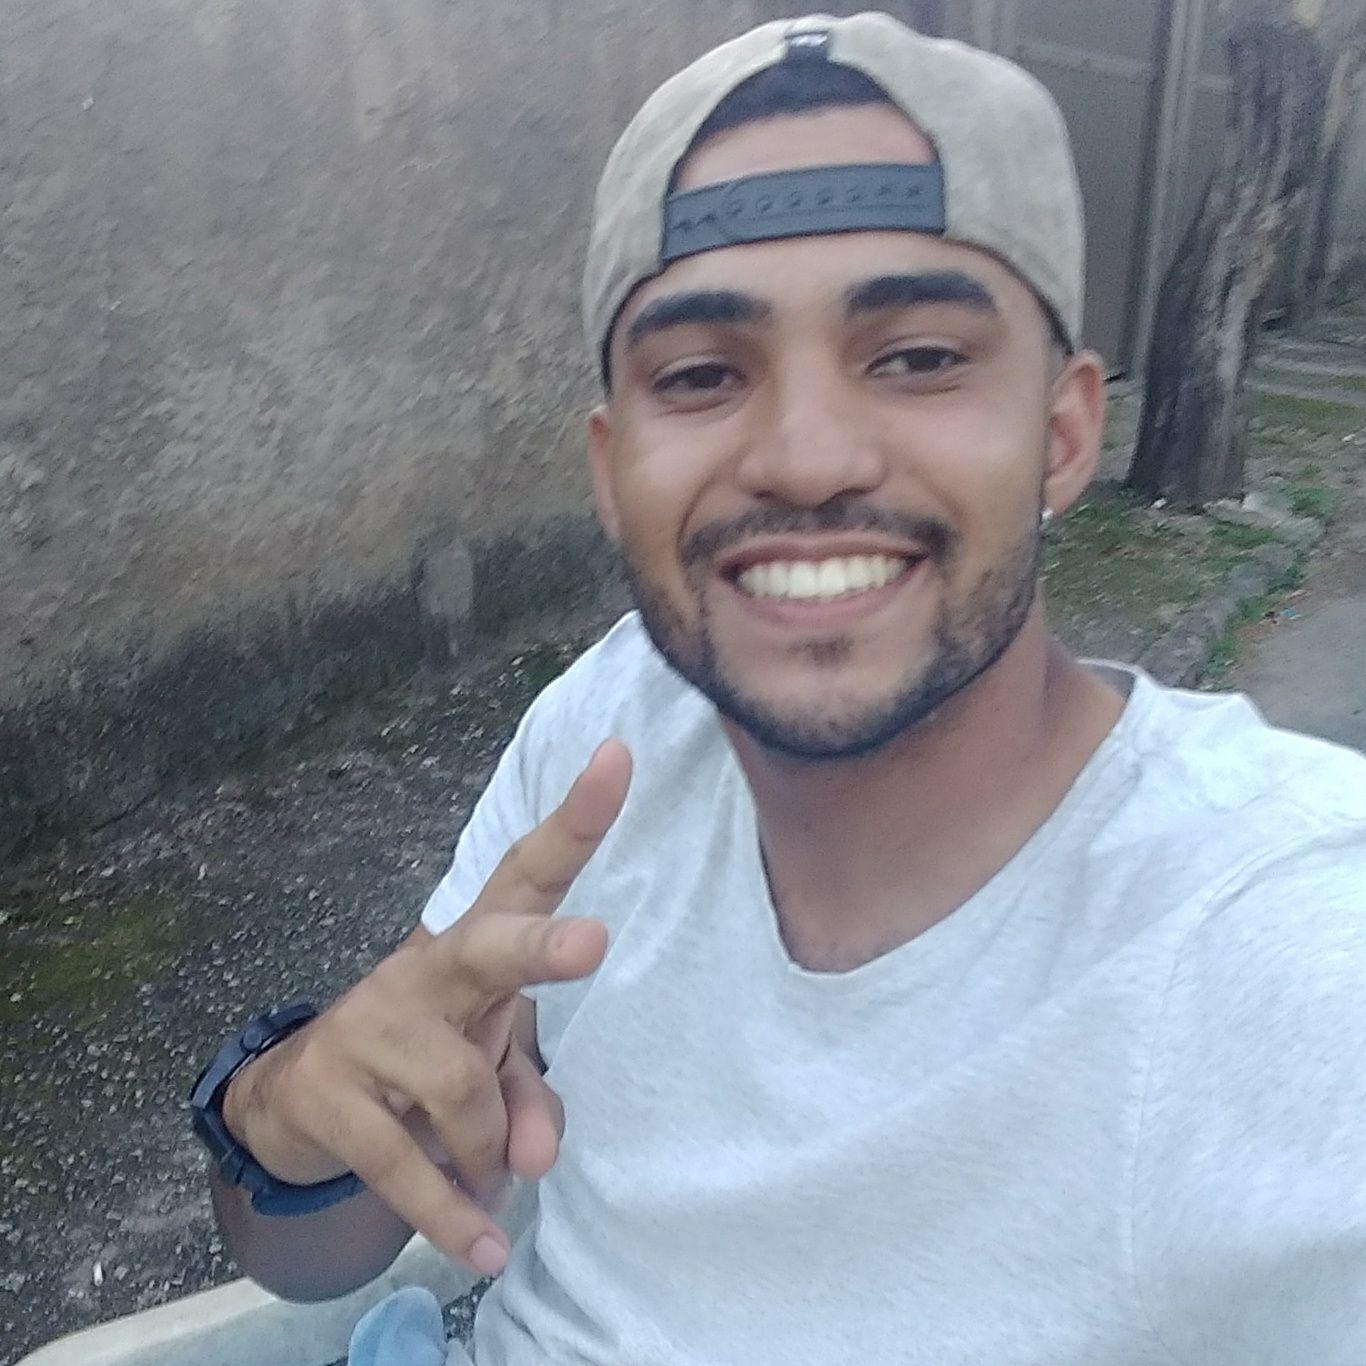 Jovem de Bela Vista de Minas morre afogado na Cachoeira de Cocais